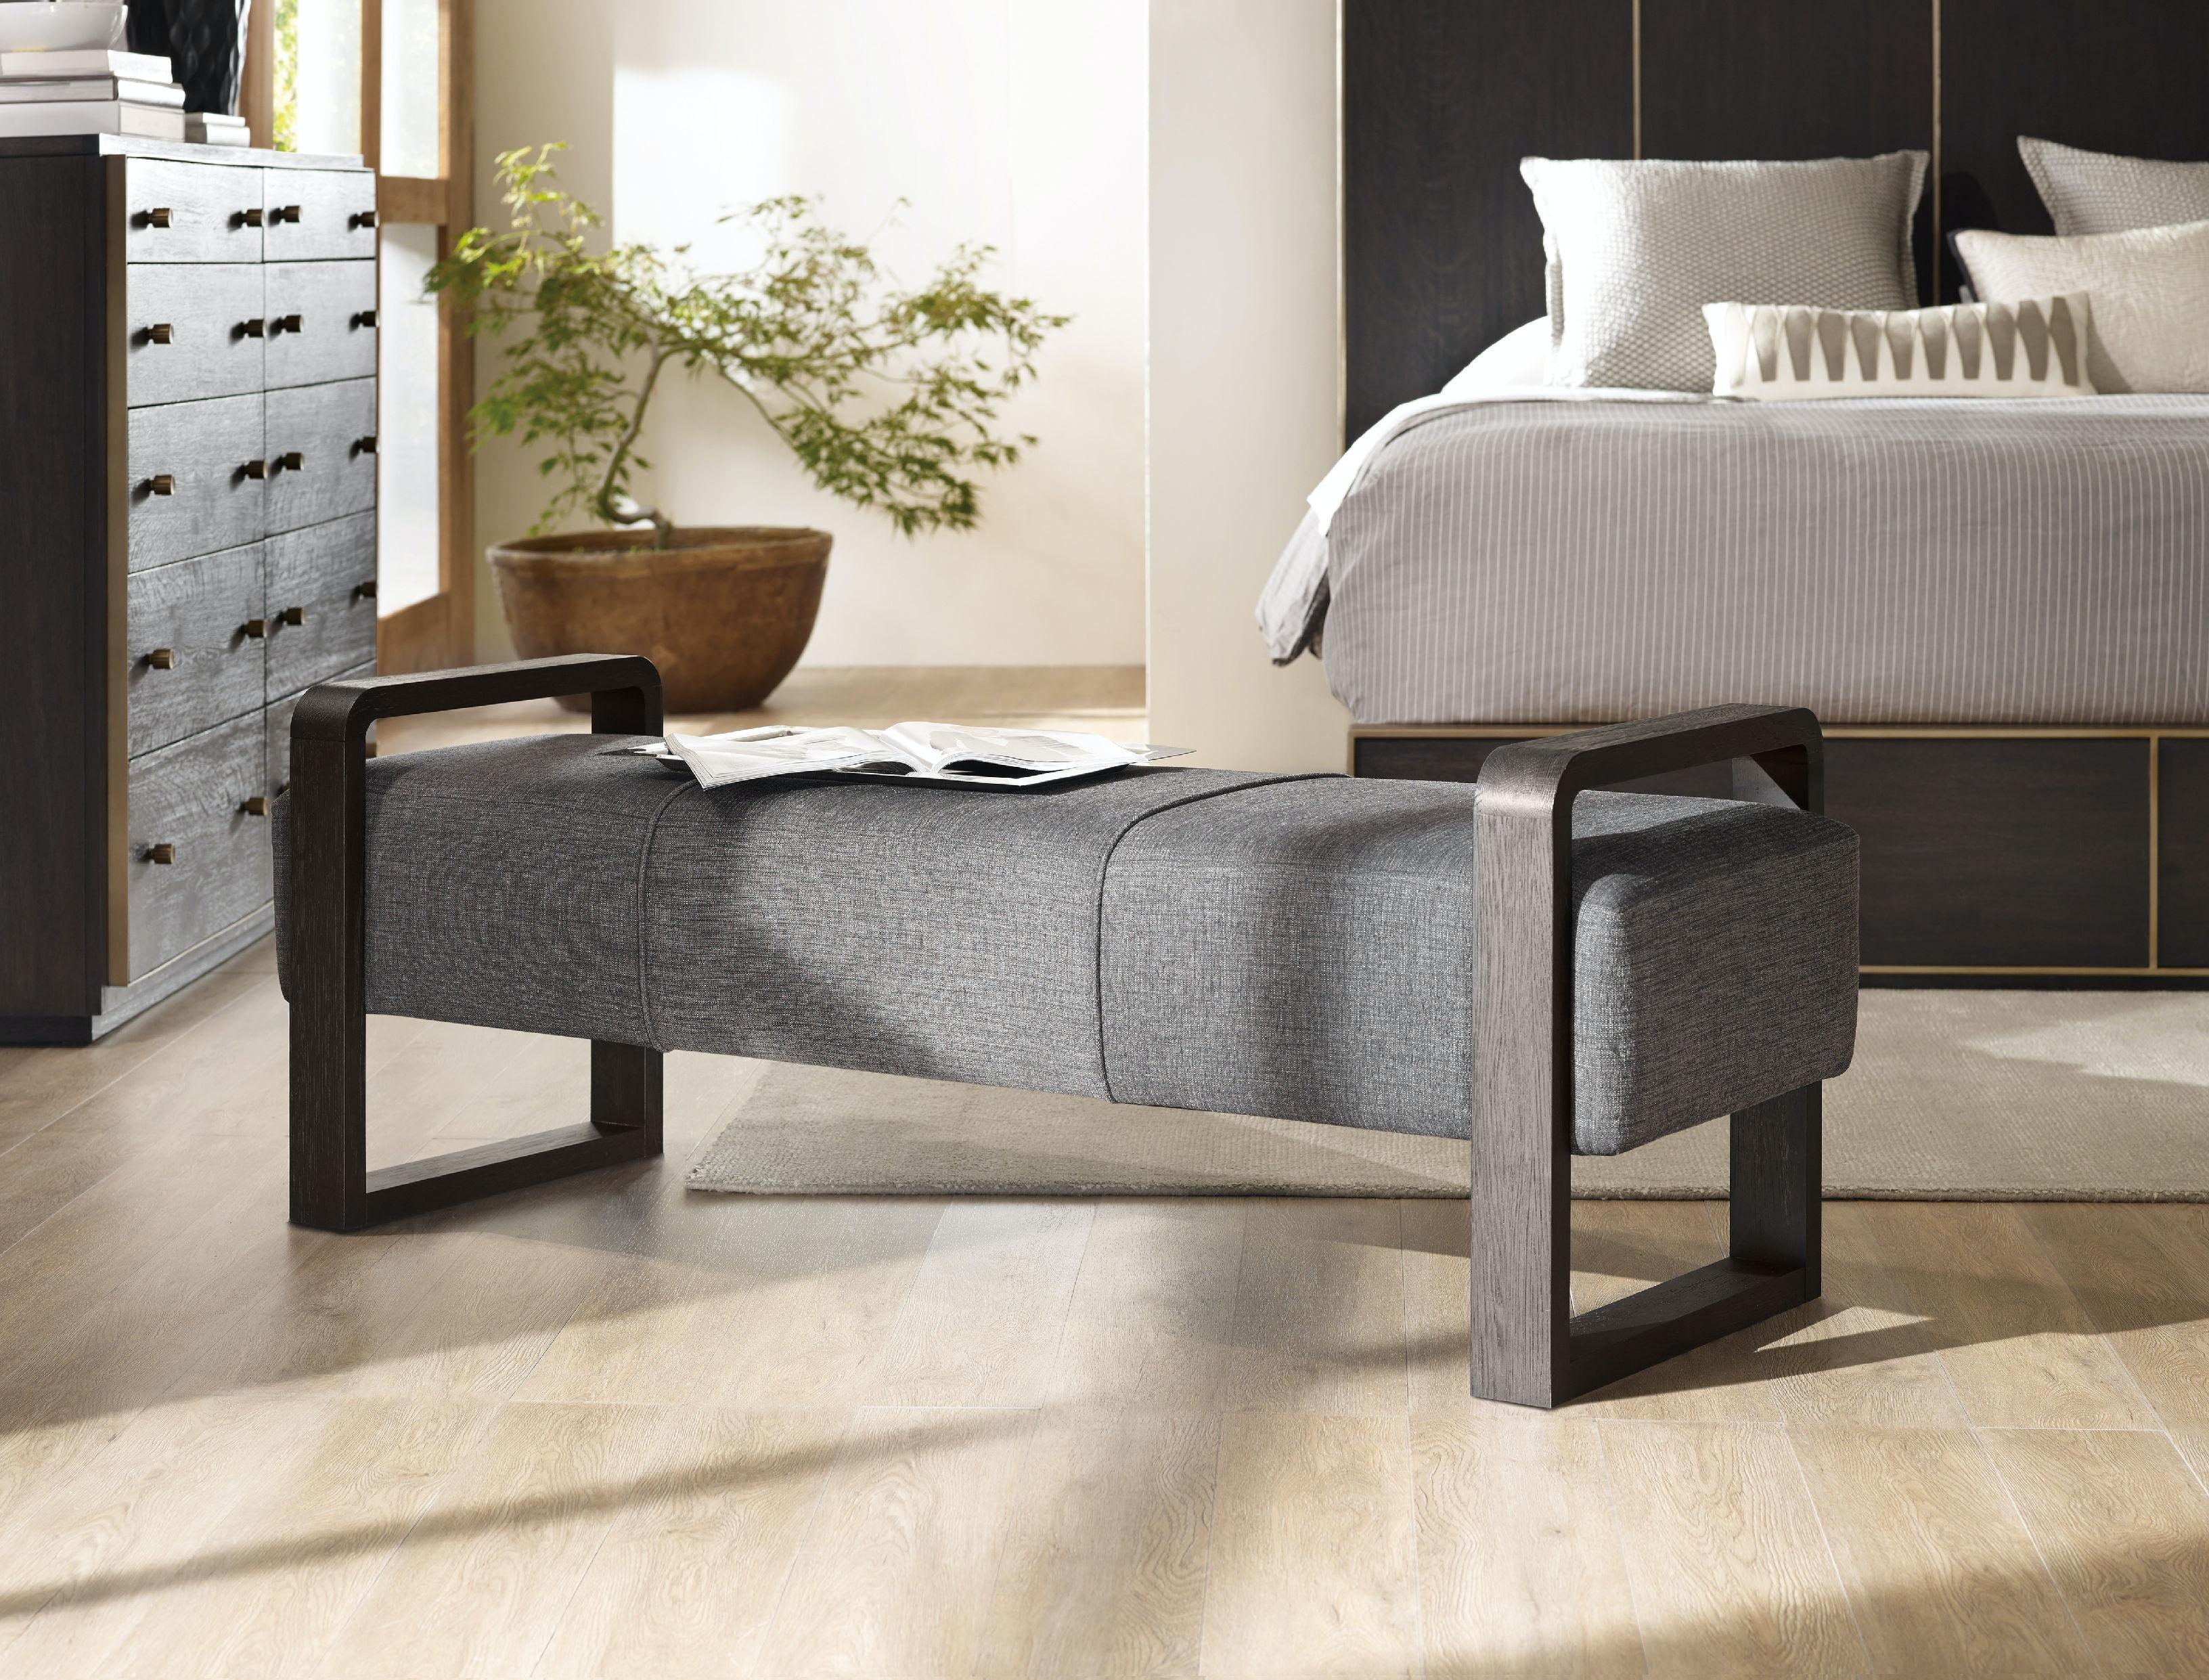 Hooker Furniture Curata Upholstered Bench 1600 50006 DKW